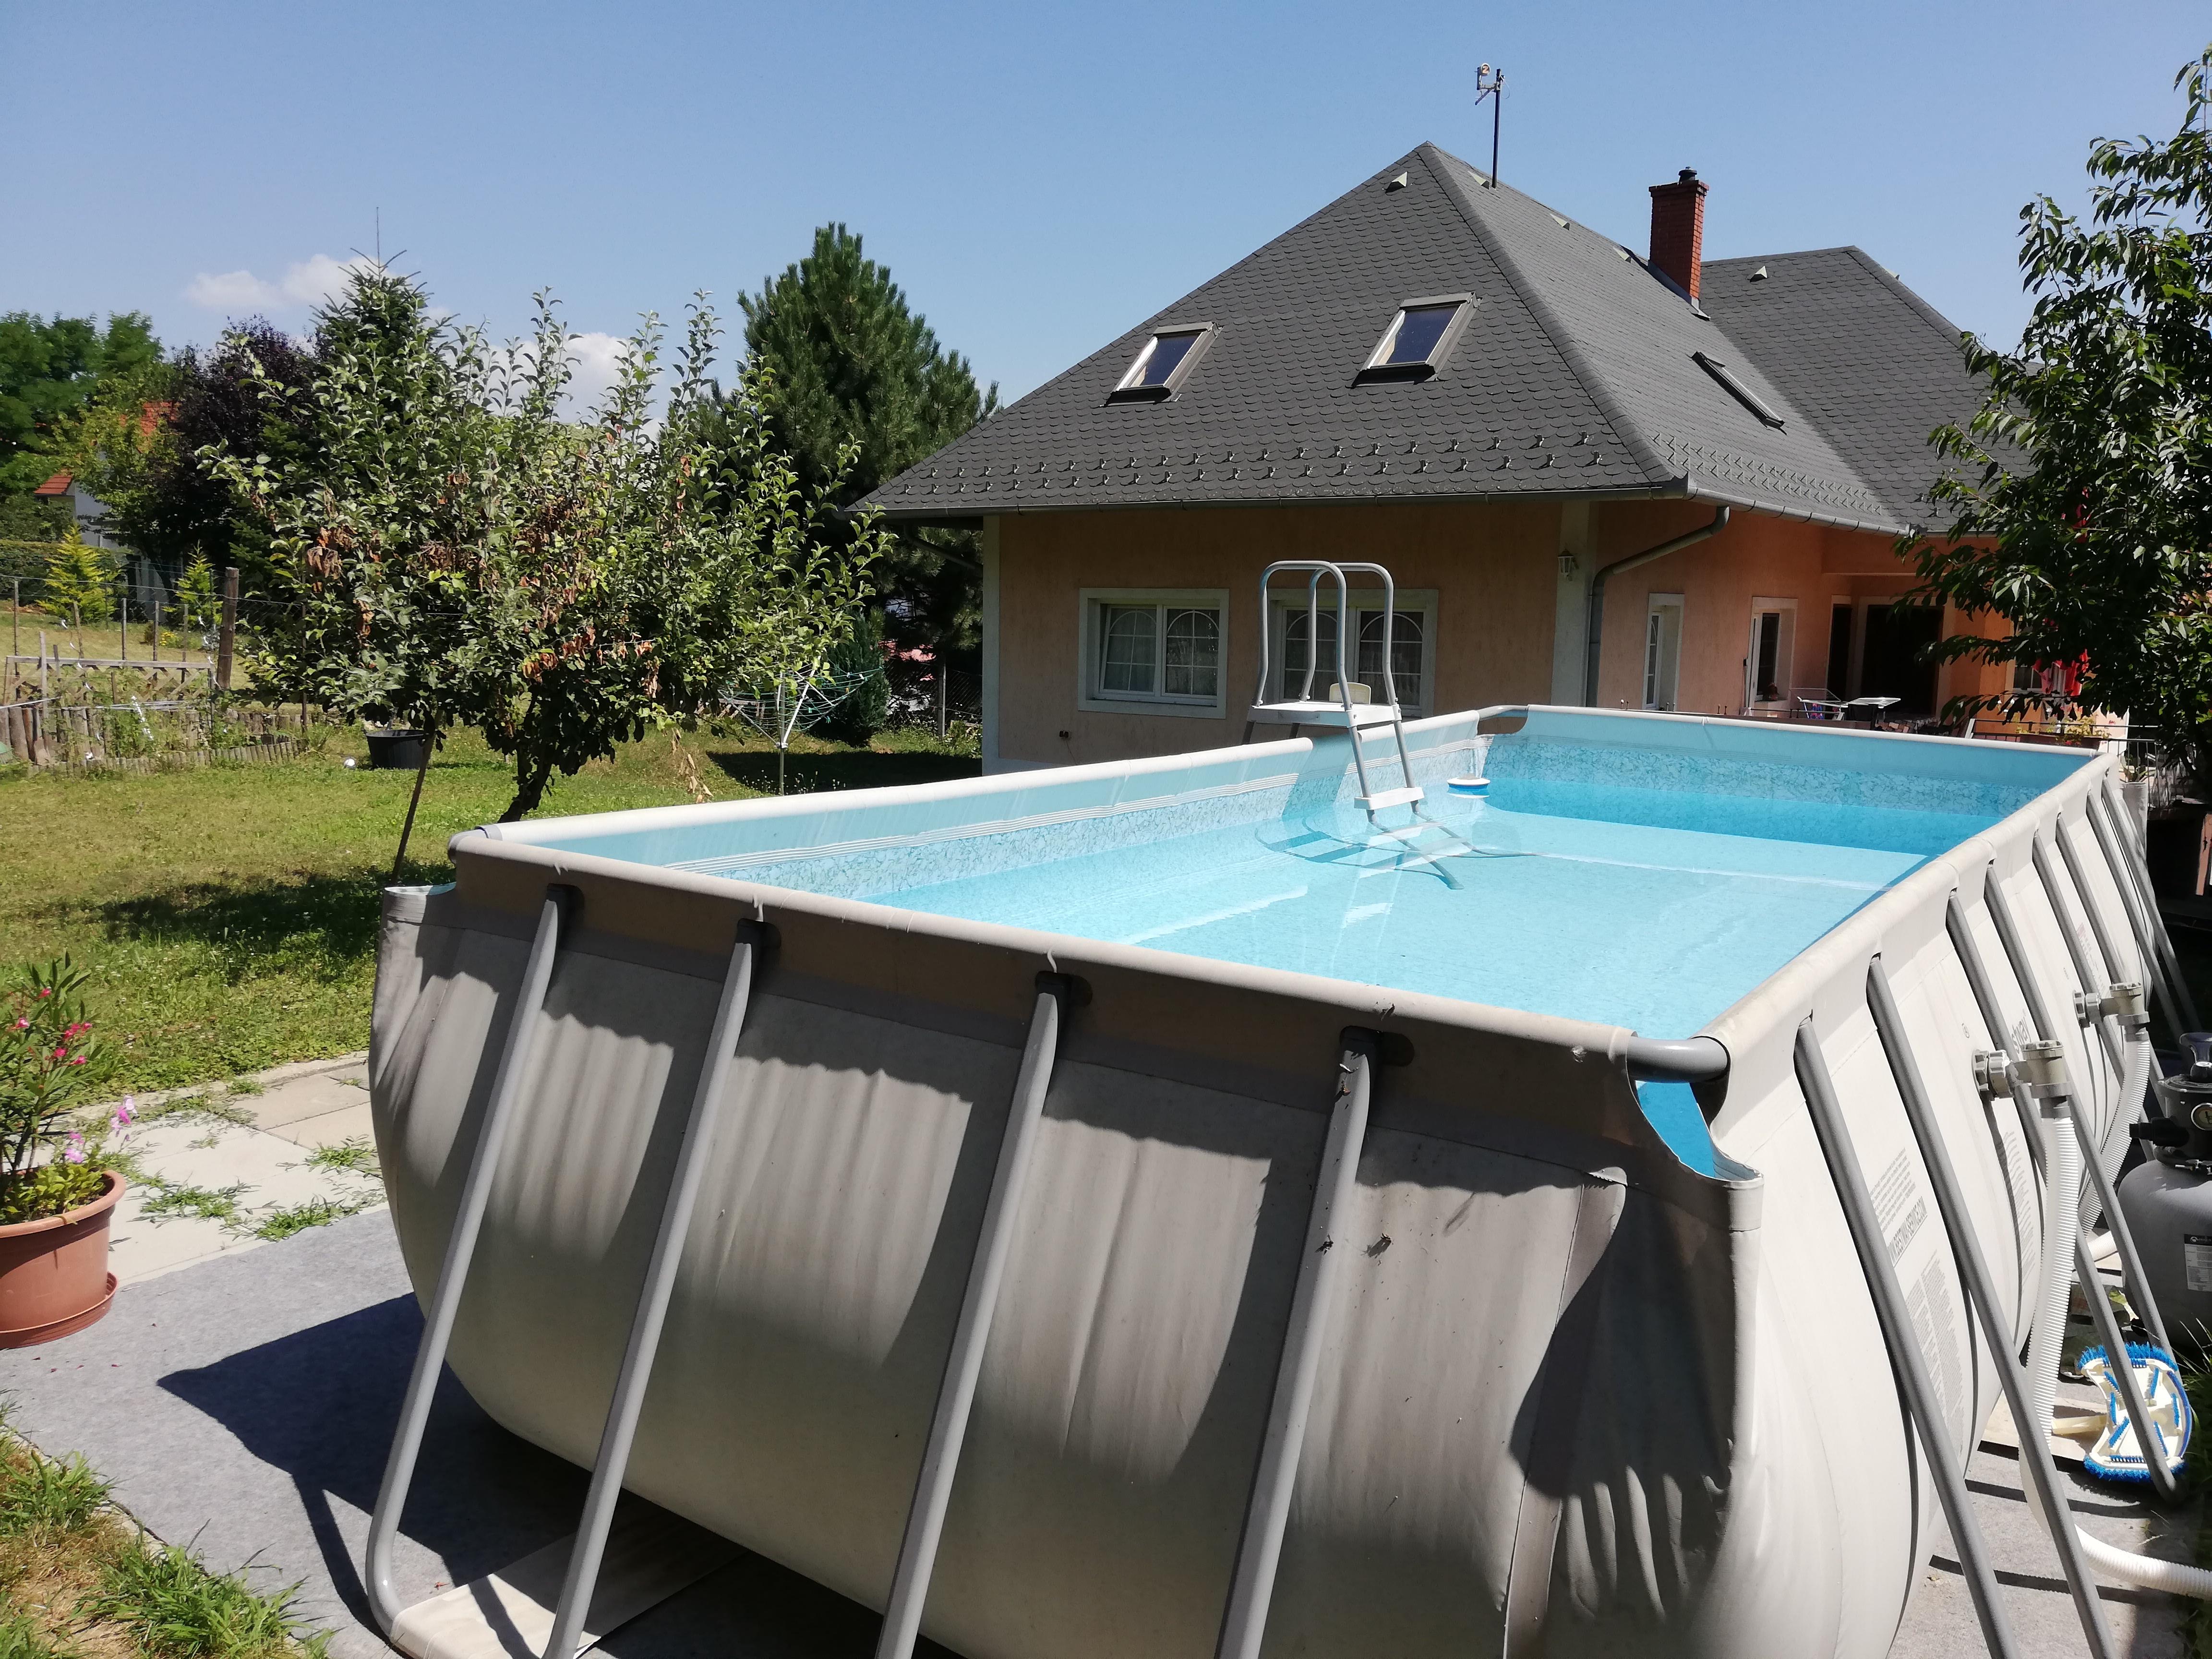 OBJEKT 100 Ferienhaus mit Pool,Spülmaschine,Wlan für 5 Personen